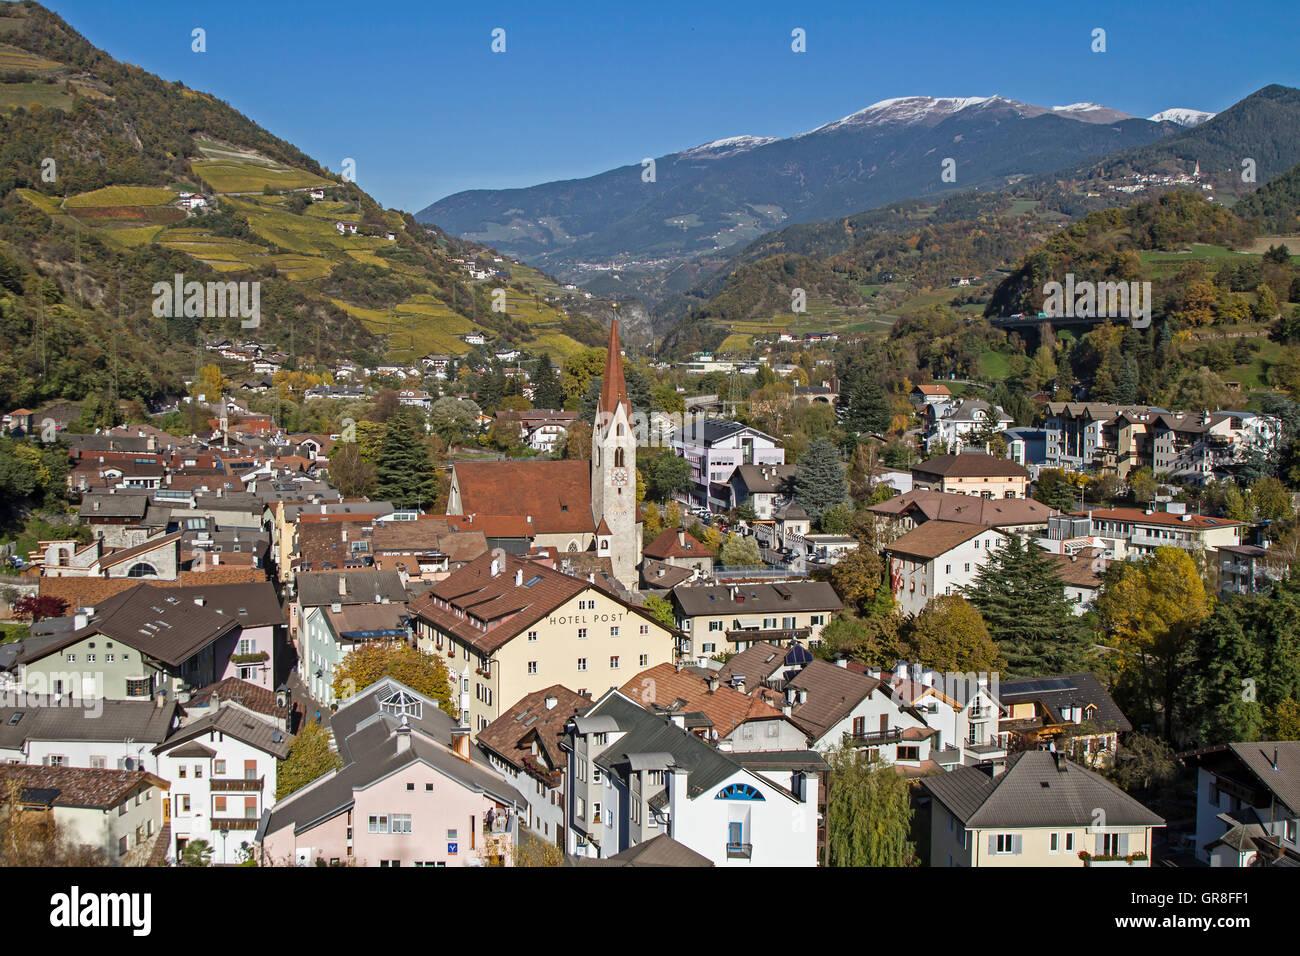 Historisch Und Touristisch Bekannter Ort In Südtirol Stockbild